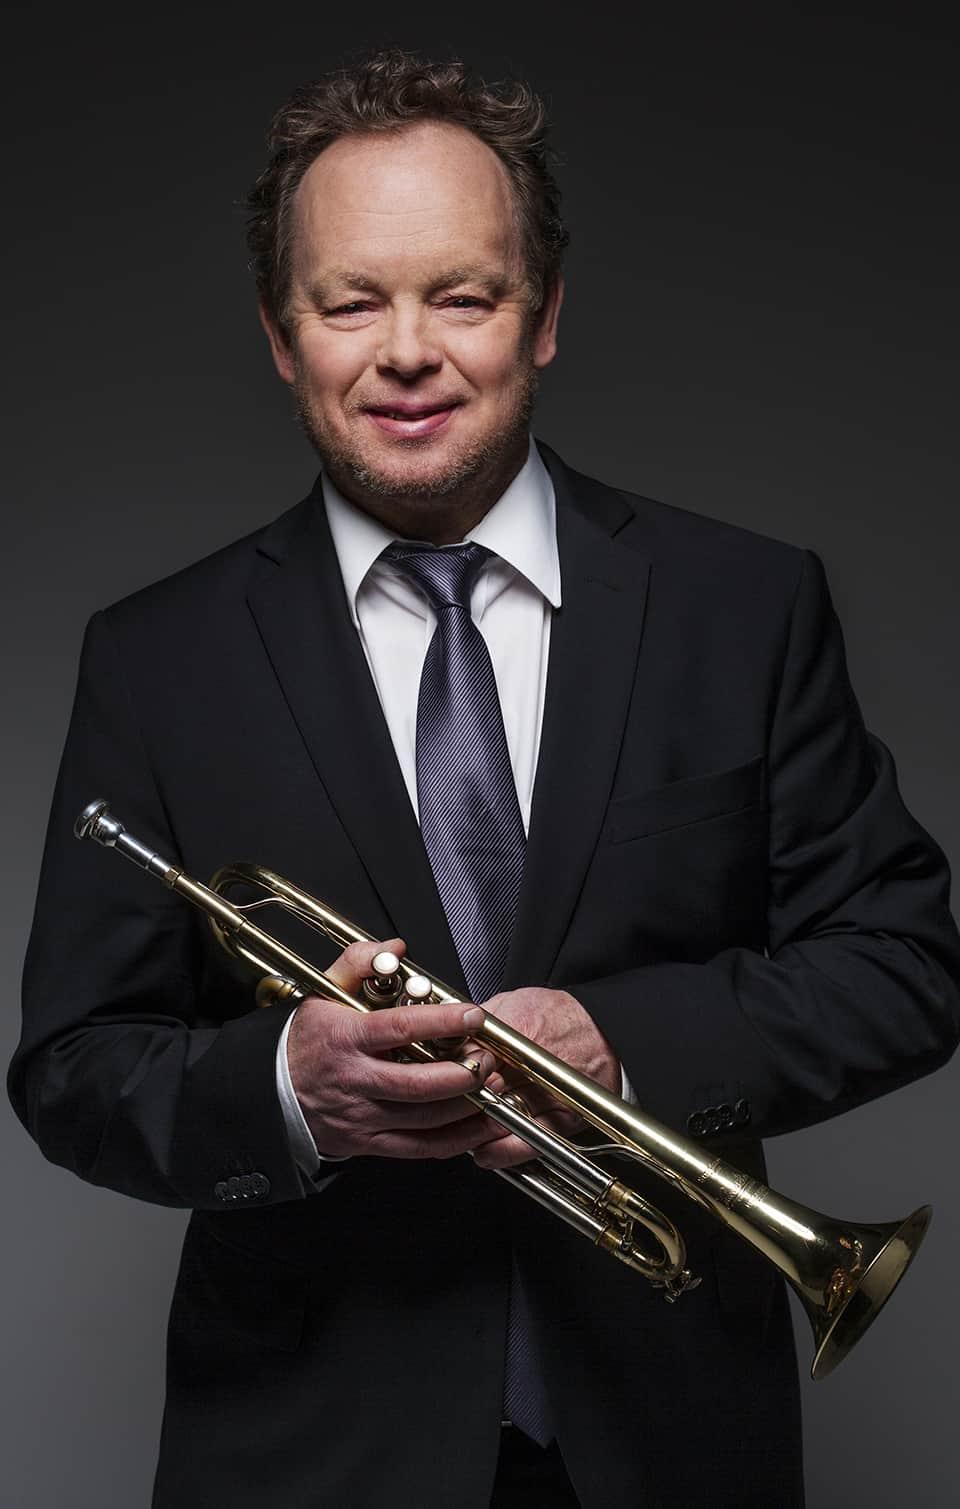 Peder Hansson, trumpet